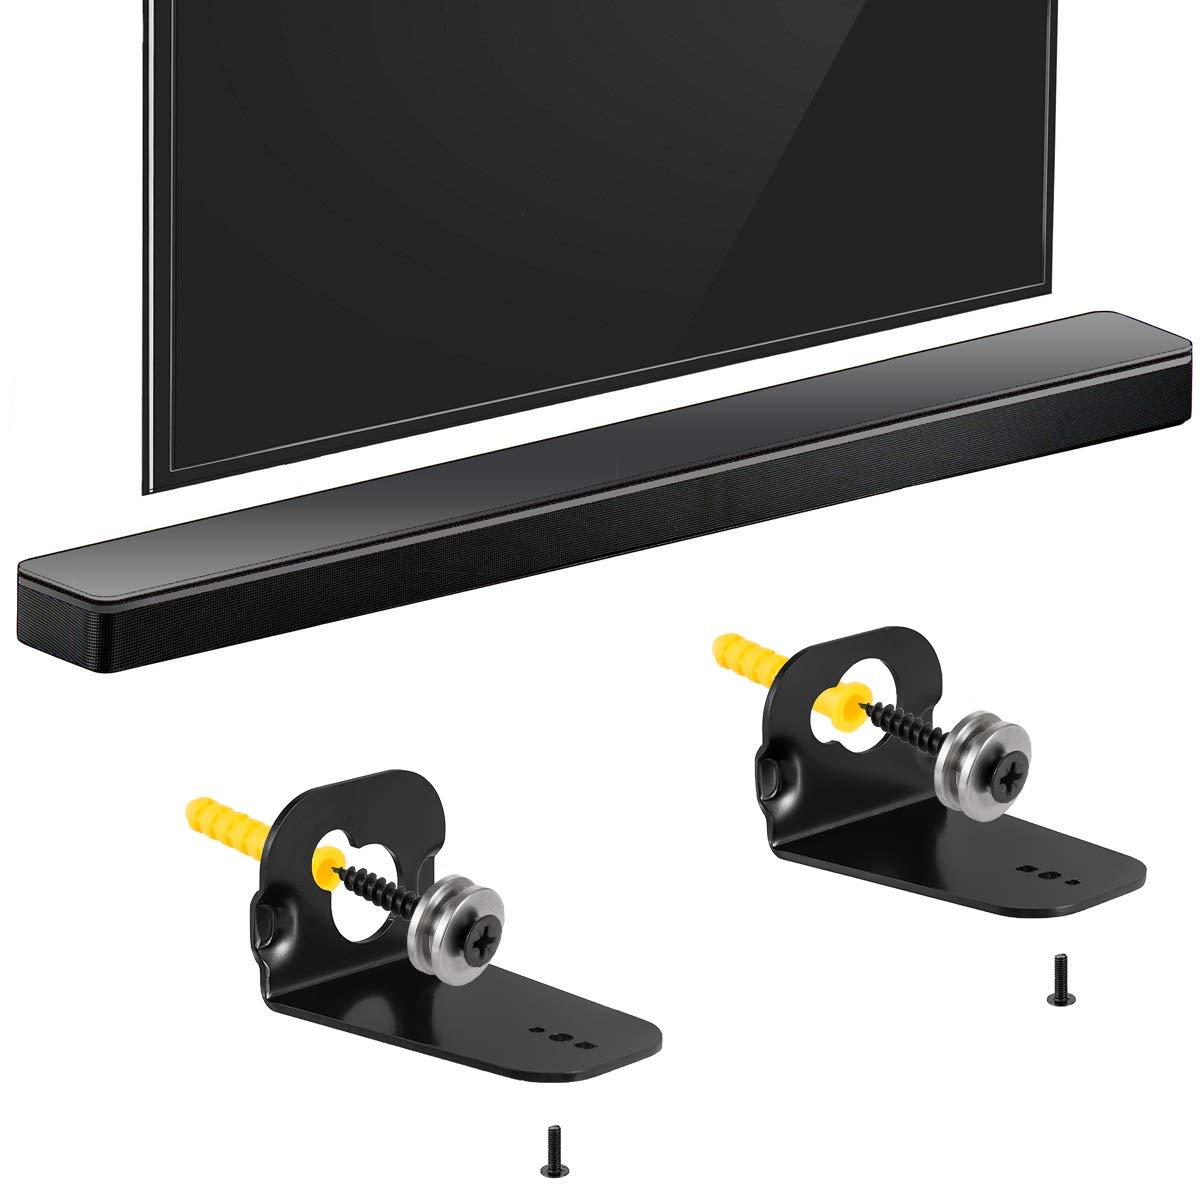 YUHUA ELE Soporte de Pared para Samsung HW-K335 Barra de Sonido Negro Soundbar Soportes de Pared para Altavoces